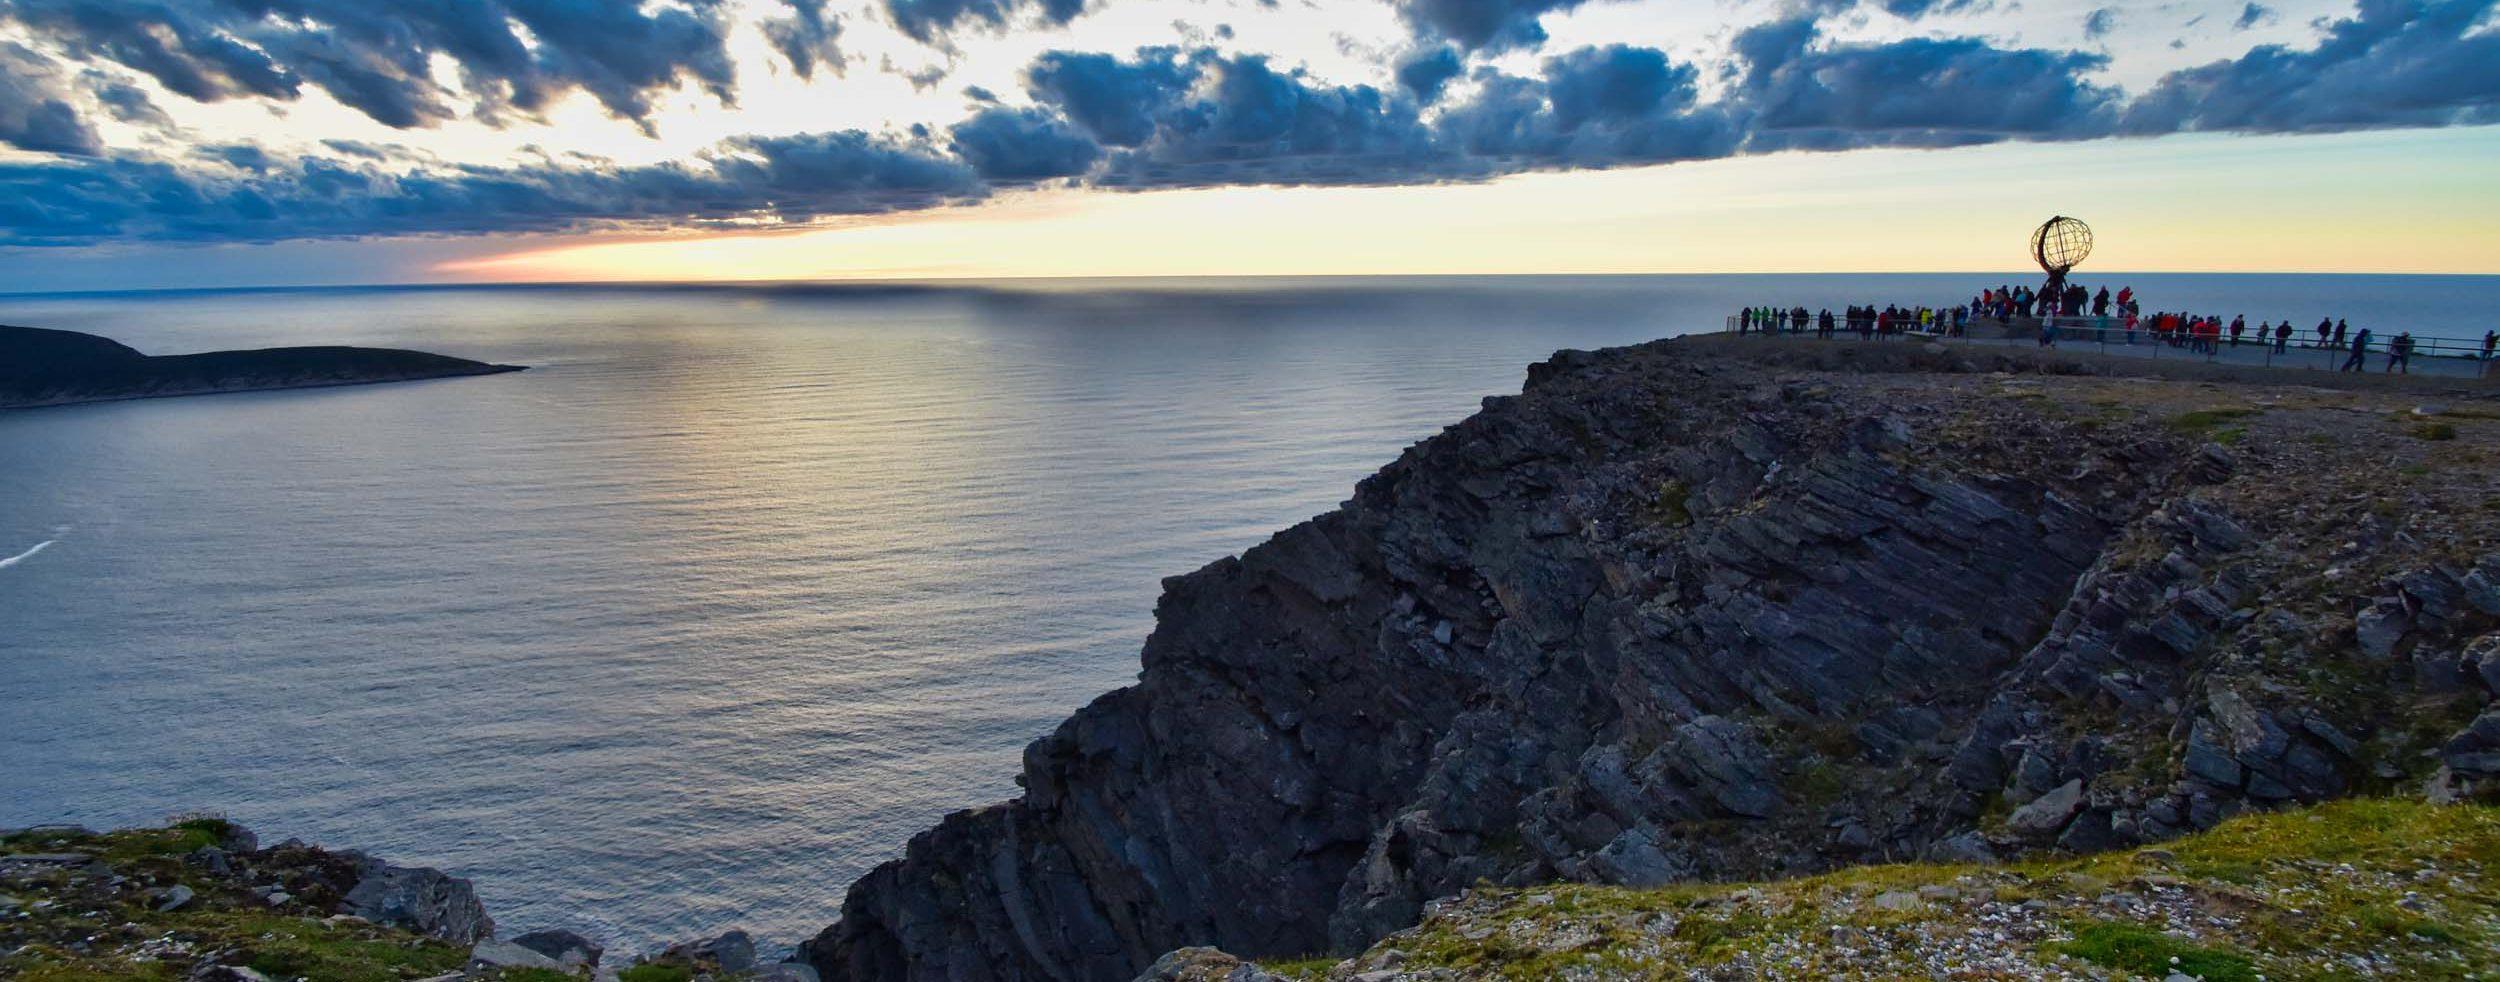 Links Knivskjellodden und rechts das Nordkap